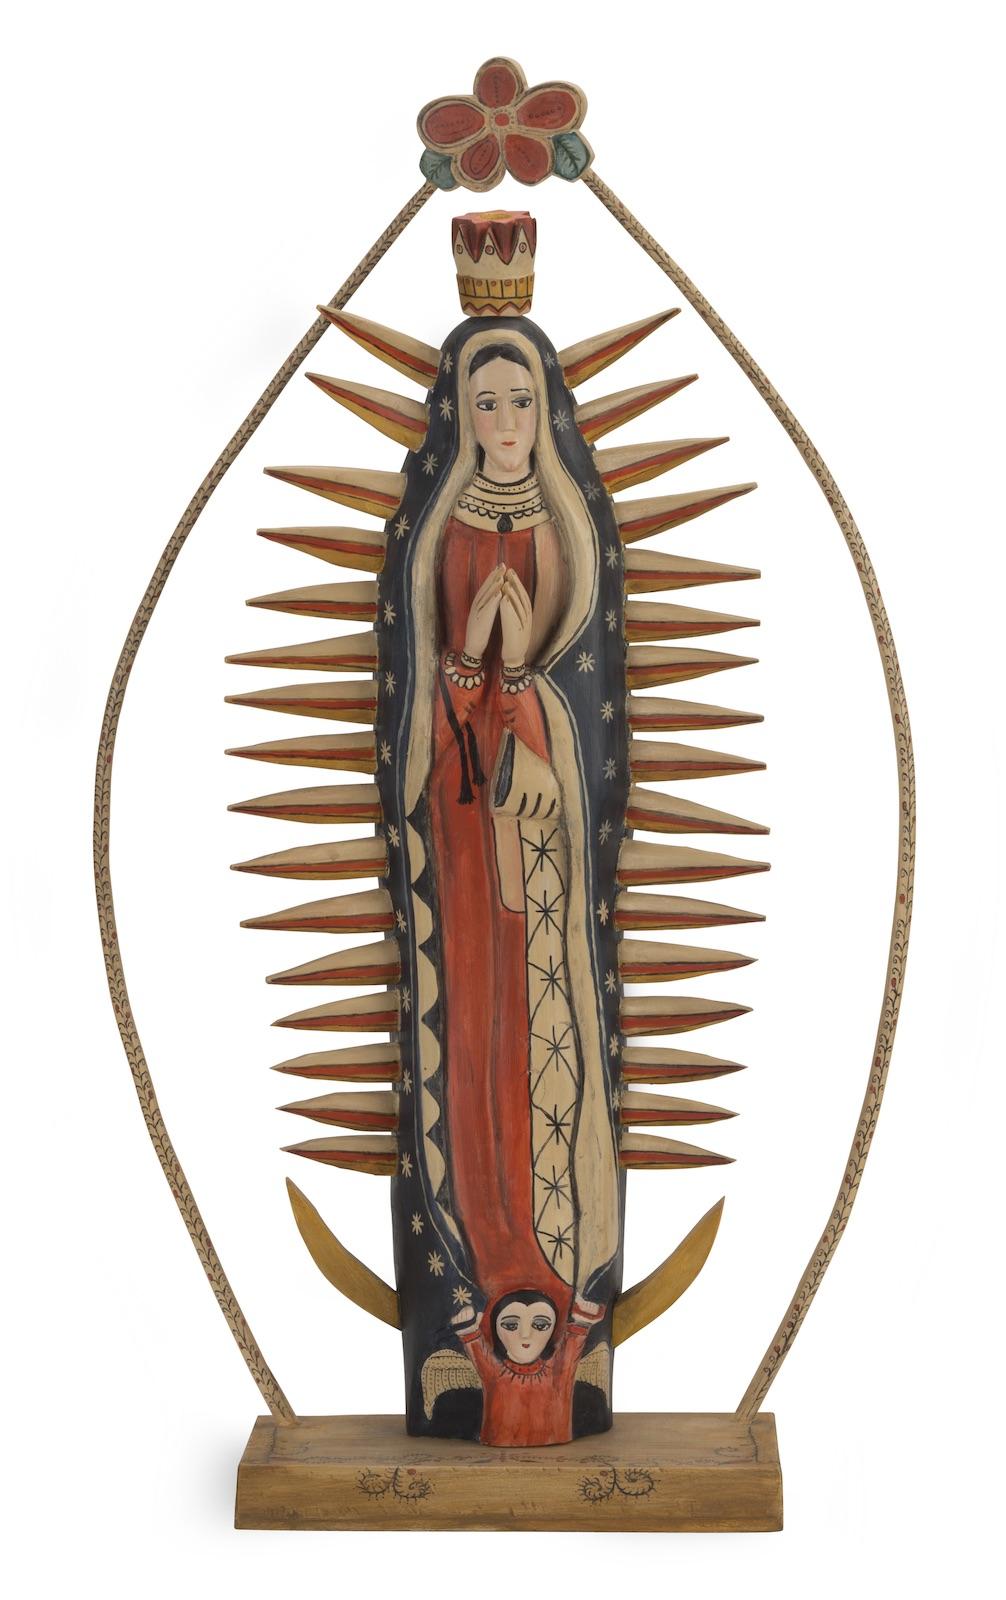 Eulogio Ortega, Zoraida Ortega, Virgen de Guadalupe